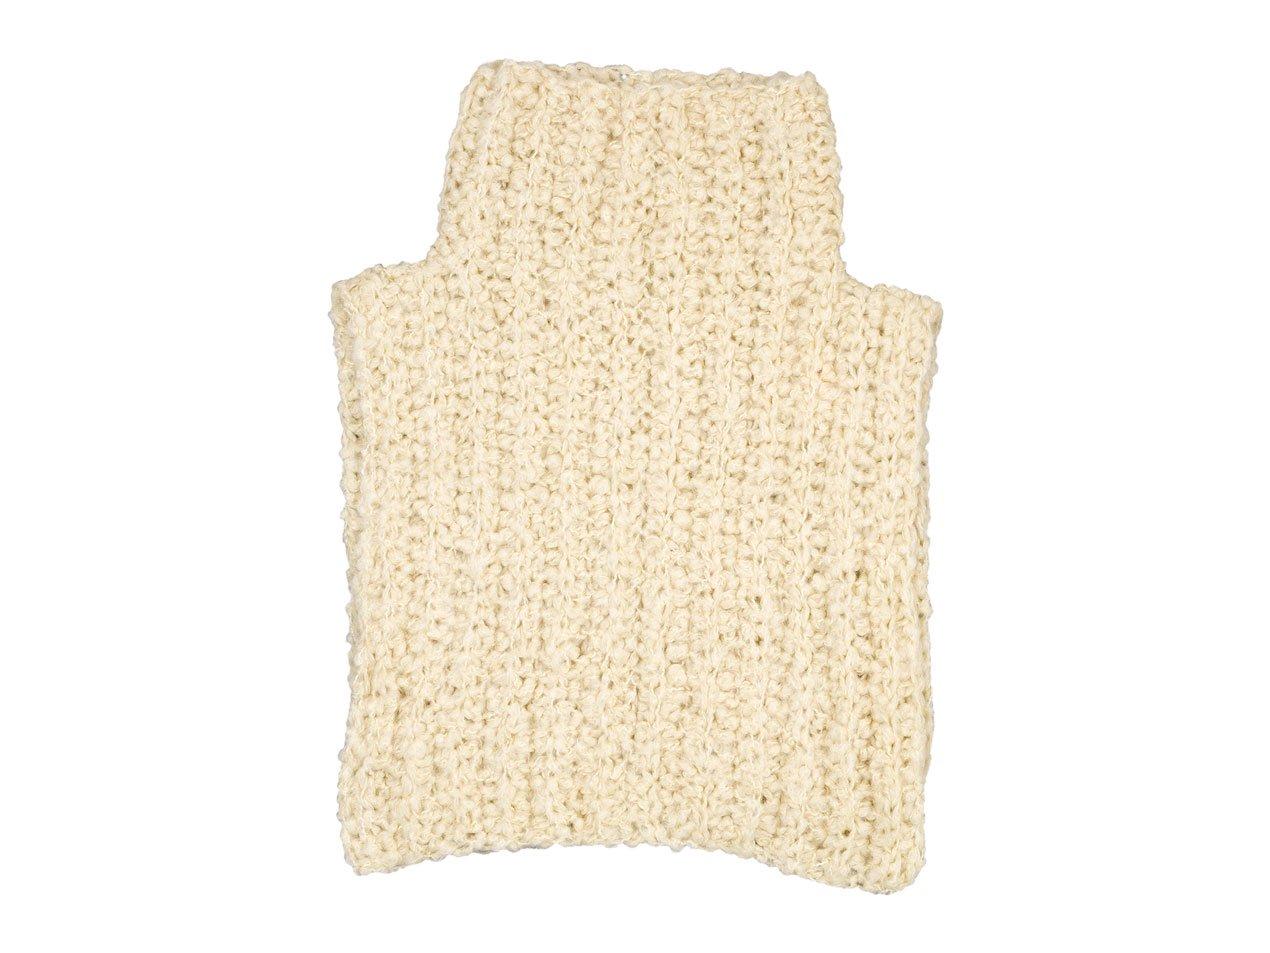 homspun 手編みケープ オフホワイト